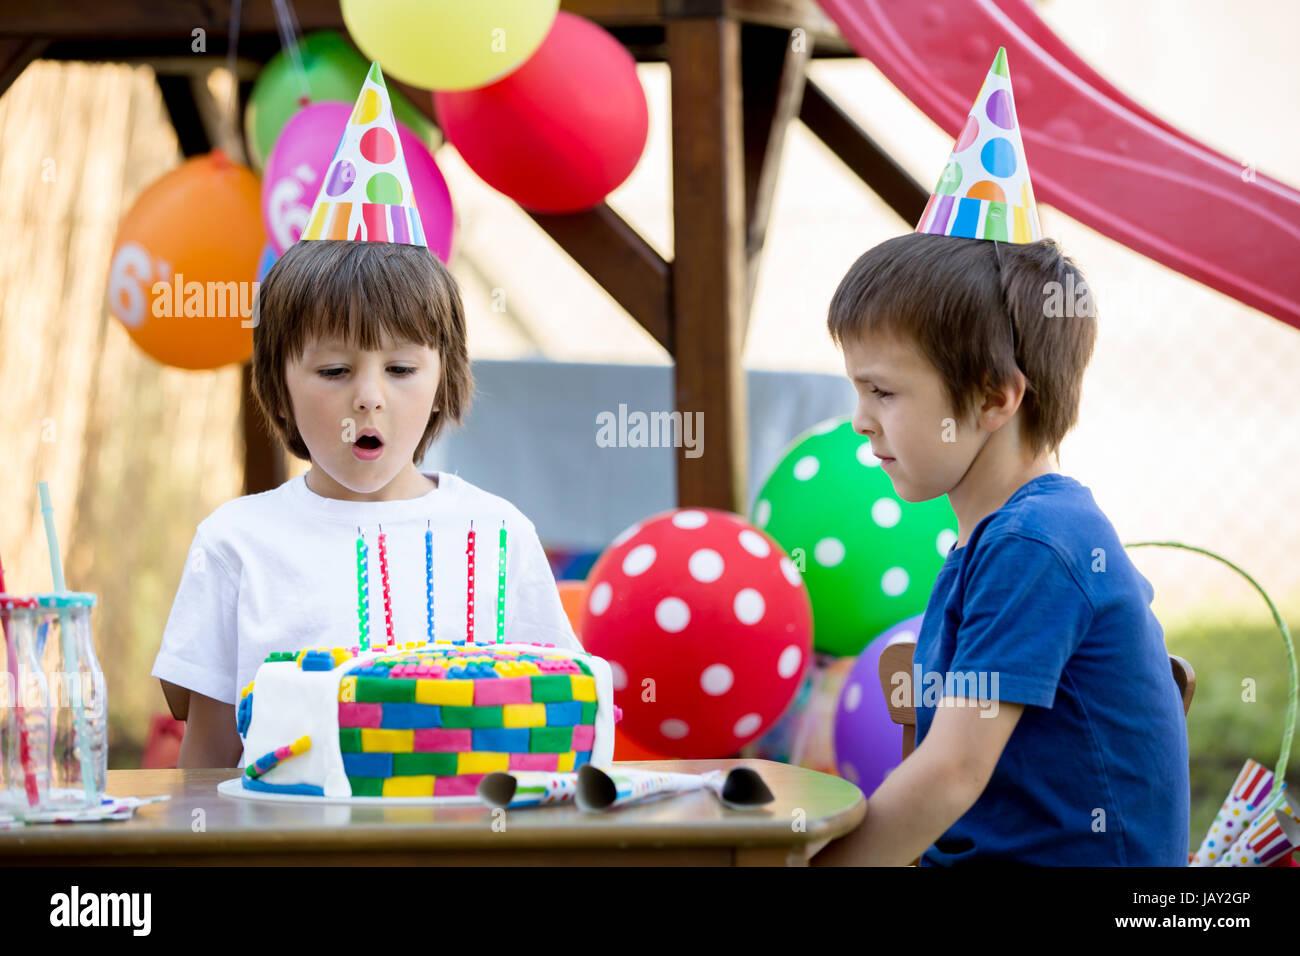 Dulce niña, niño, que celebra su sexto cumpleaños, pastel, globos, velas, las cookies. Concepto de Imagen De Stock